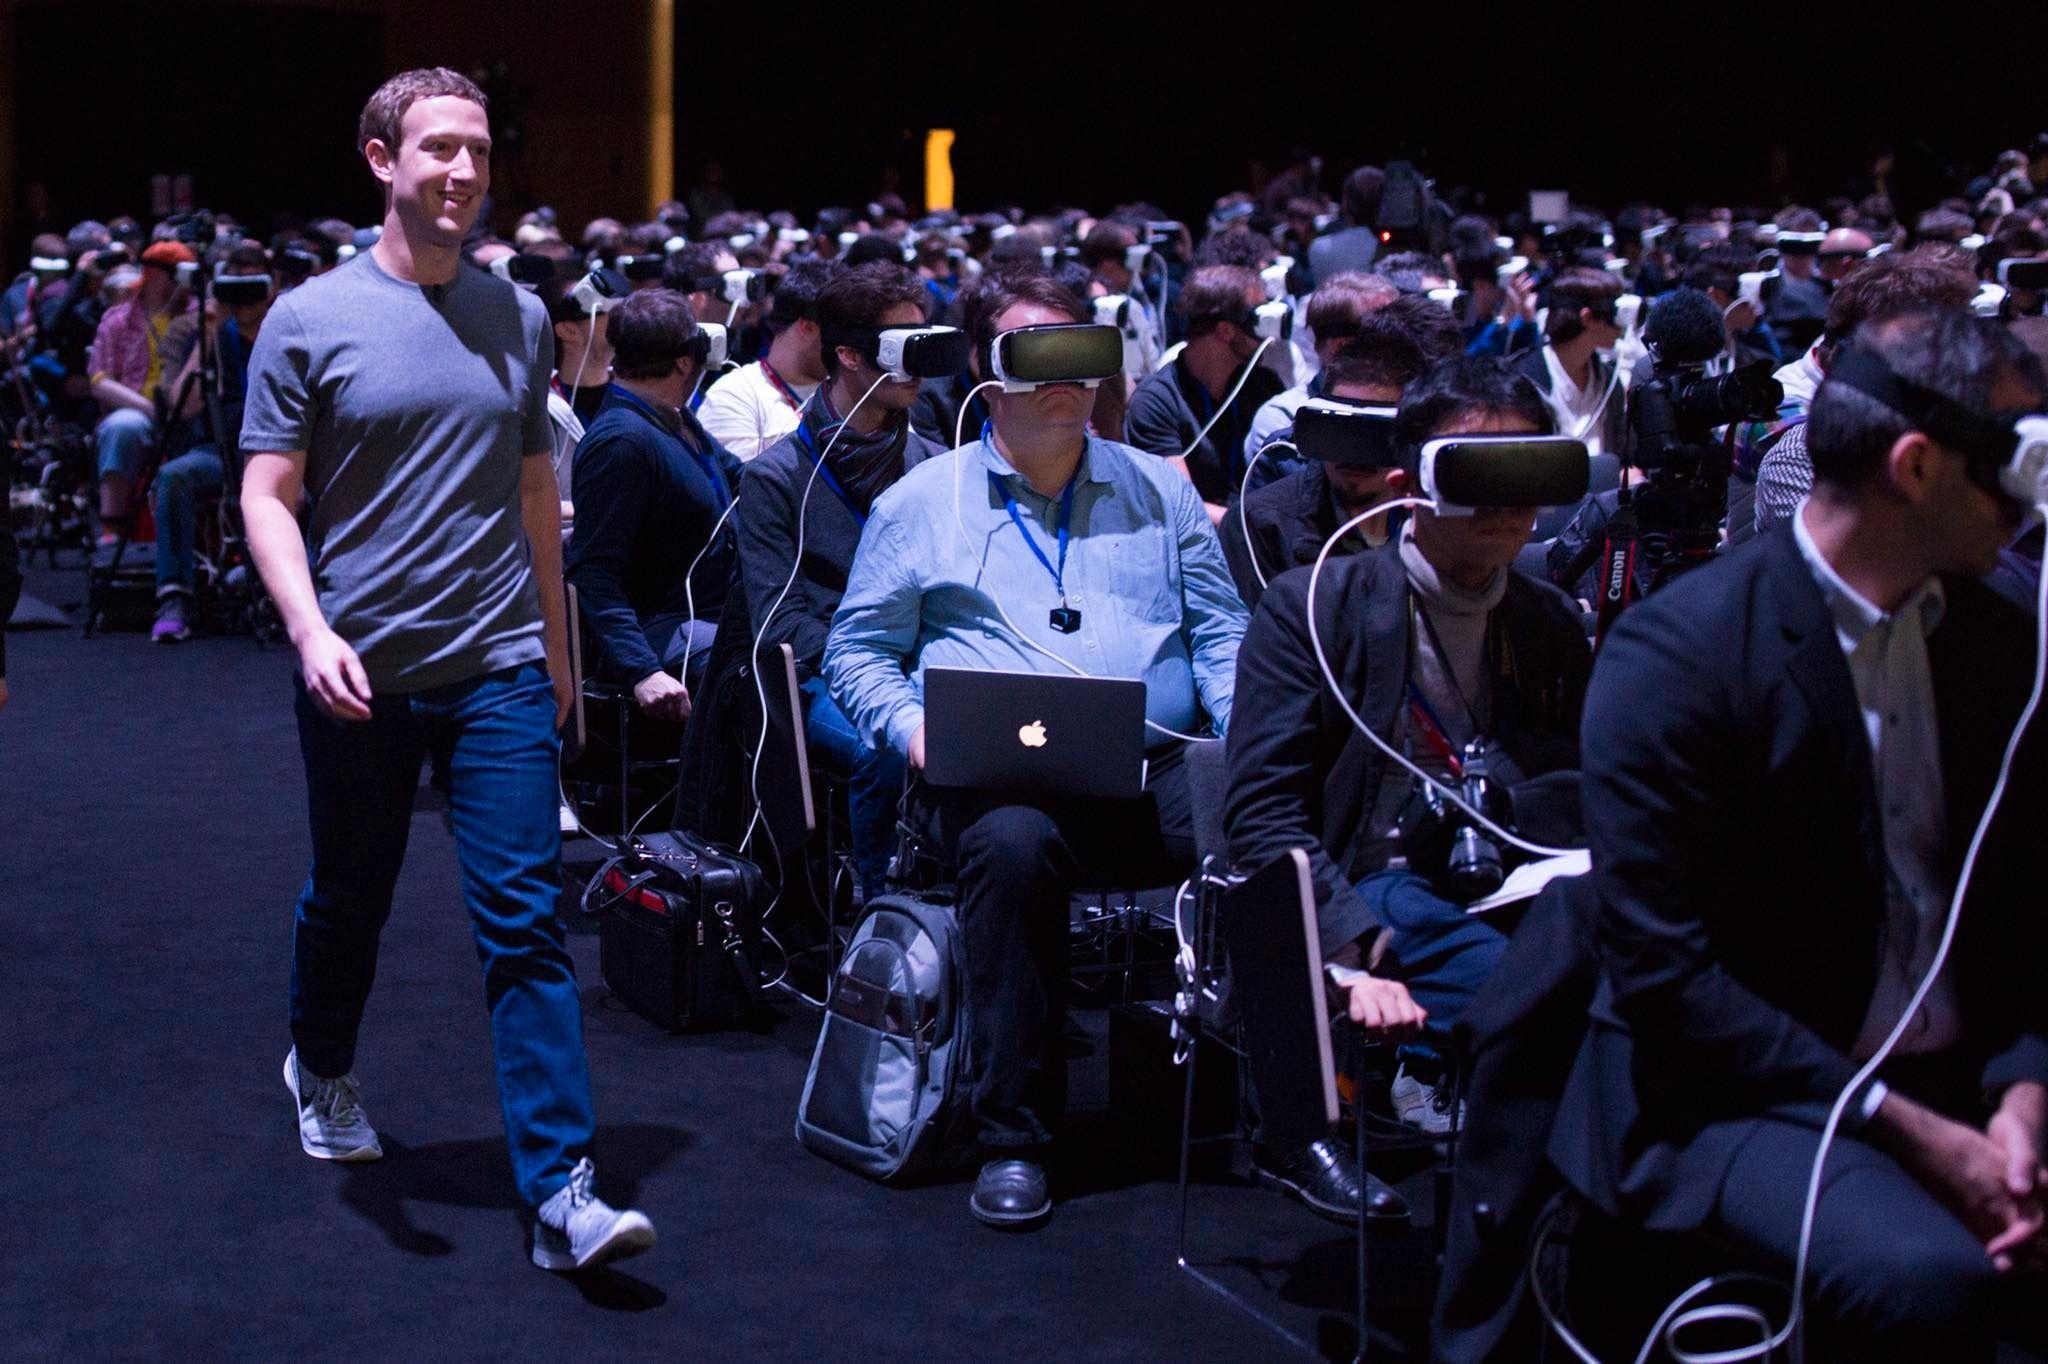 Ingen la merke til at Facebook-sjefen spaserte ved siden av dem da han gikk opp til scenen.